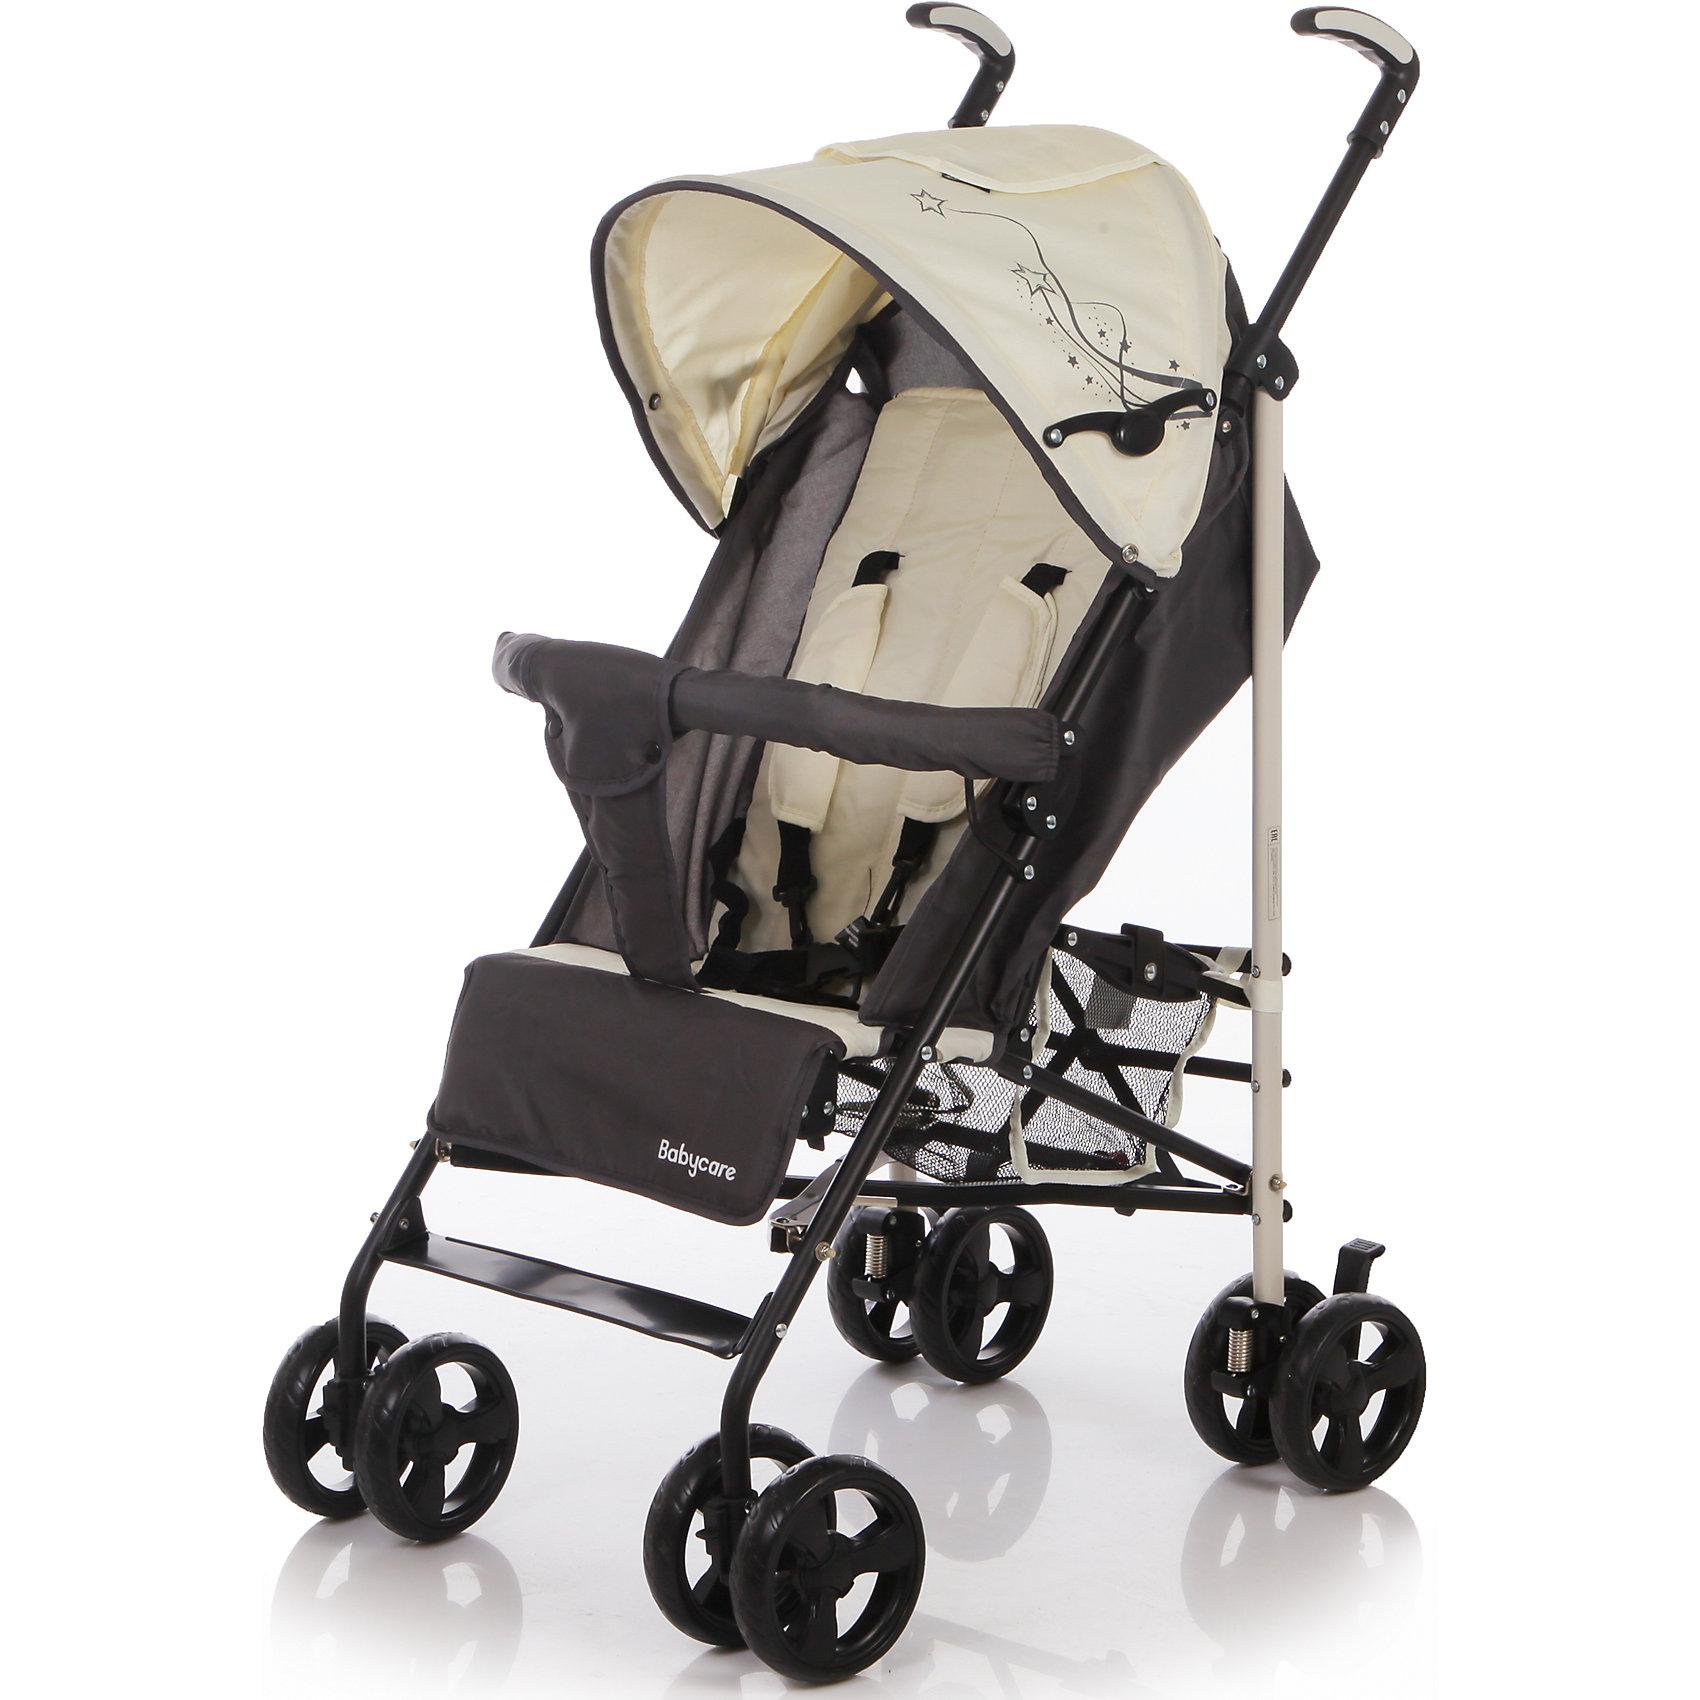 Коляска трость Flash, Baby Care, бежевыйХарактеристики коляски-трости Baby Care Flash:<br><br>• спинка коляски регулируется в 2-х положениях: сидя и полулежа;<br>• подножка регулируется в 2-х положениях, удлиняет спальное место;<br>• встроенные 5-ти точечные ремни безопасности с мягкими накладками;<br>• глубокий капюшон с дополнительной секцией опускается до бампера;<br>• капюшон оснащен смотровым окошком и кармашком для мелочей;<br>• съемный бампер с мягким разделителем для ножек;<br>• имеется небольшая сетчатая корзина для покупок;<br>• материал: пластик, полиэстер;<br>• ширина сиденья: 34 см;<br>• размер коляски в разложенном виде: 74х40,5х106 см;<br>• размер коляски в сложенном виде: 101х29х36 см;<br>• вес коляски: 7,6 кг;<br>• допустимый вес ребенка: до 23 кг.<br><br>Характеристики шасси коляски:<br><br>• механизм складывания: трость;<br>• сдвоенные колеса коляски;<br>• передние поворотные с блокировкой;<br>• задний стояночный тормоз;<br>• материал рамы: алюминий;<br>• материал колес: пеноплен (вспененная резина);<br>• диаметр колес: 14 см;<br>• ширина колесной базы: 46 см;<br>• размер корзинки для покупок: 19х18х21 см.<br><br>Компактная коляска-трость предназначена для детей в возрасте от 7 месяцев до 4-х лет. Ребенок в коляске изучает окружающий мир, а когда устает, может принять положение «полулежа». Маневренная коляска с двойными колесами. Подножка может удлинить спальное место, а гибкая пластиковая подножка пригодится для малыша, который подрос.<br><br>Комплектация:<br><br>• коляска-трость Flash;<br>• дождевик;<br>• чехол на ножки;<br>• инструкция. <br><br>Коляску-трость Flash, Baby Care, бежевую можно купить в нашем интернет-магазине.<br><br>Ширина мм: 1020<br>Глубина мм: 260<br>Высота мм: 280<br>Вес г: 14400<br>Цвет: бежевый<br>Возраст от месяцев: 7<br>Возраст до месяцев: 36<br>Пол: Унисекс<br>Возраст: Детский<br>SKU: 4501857